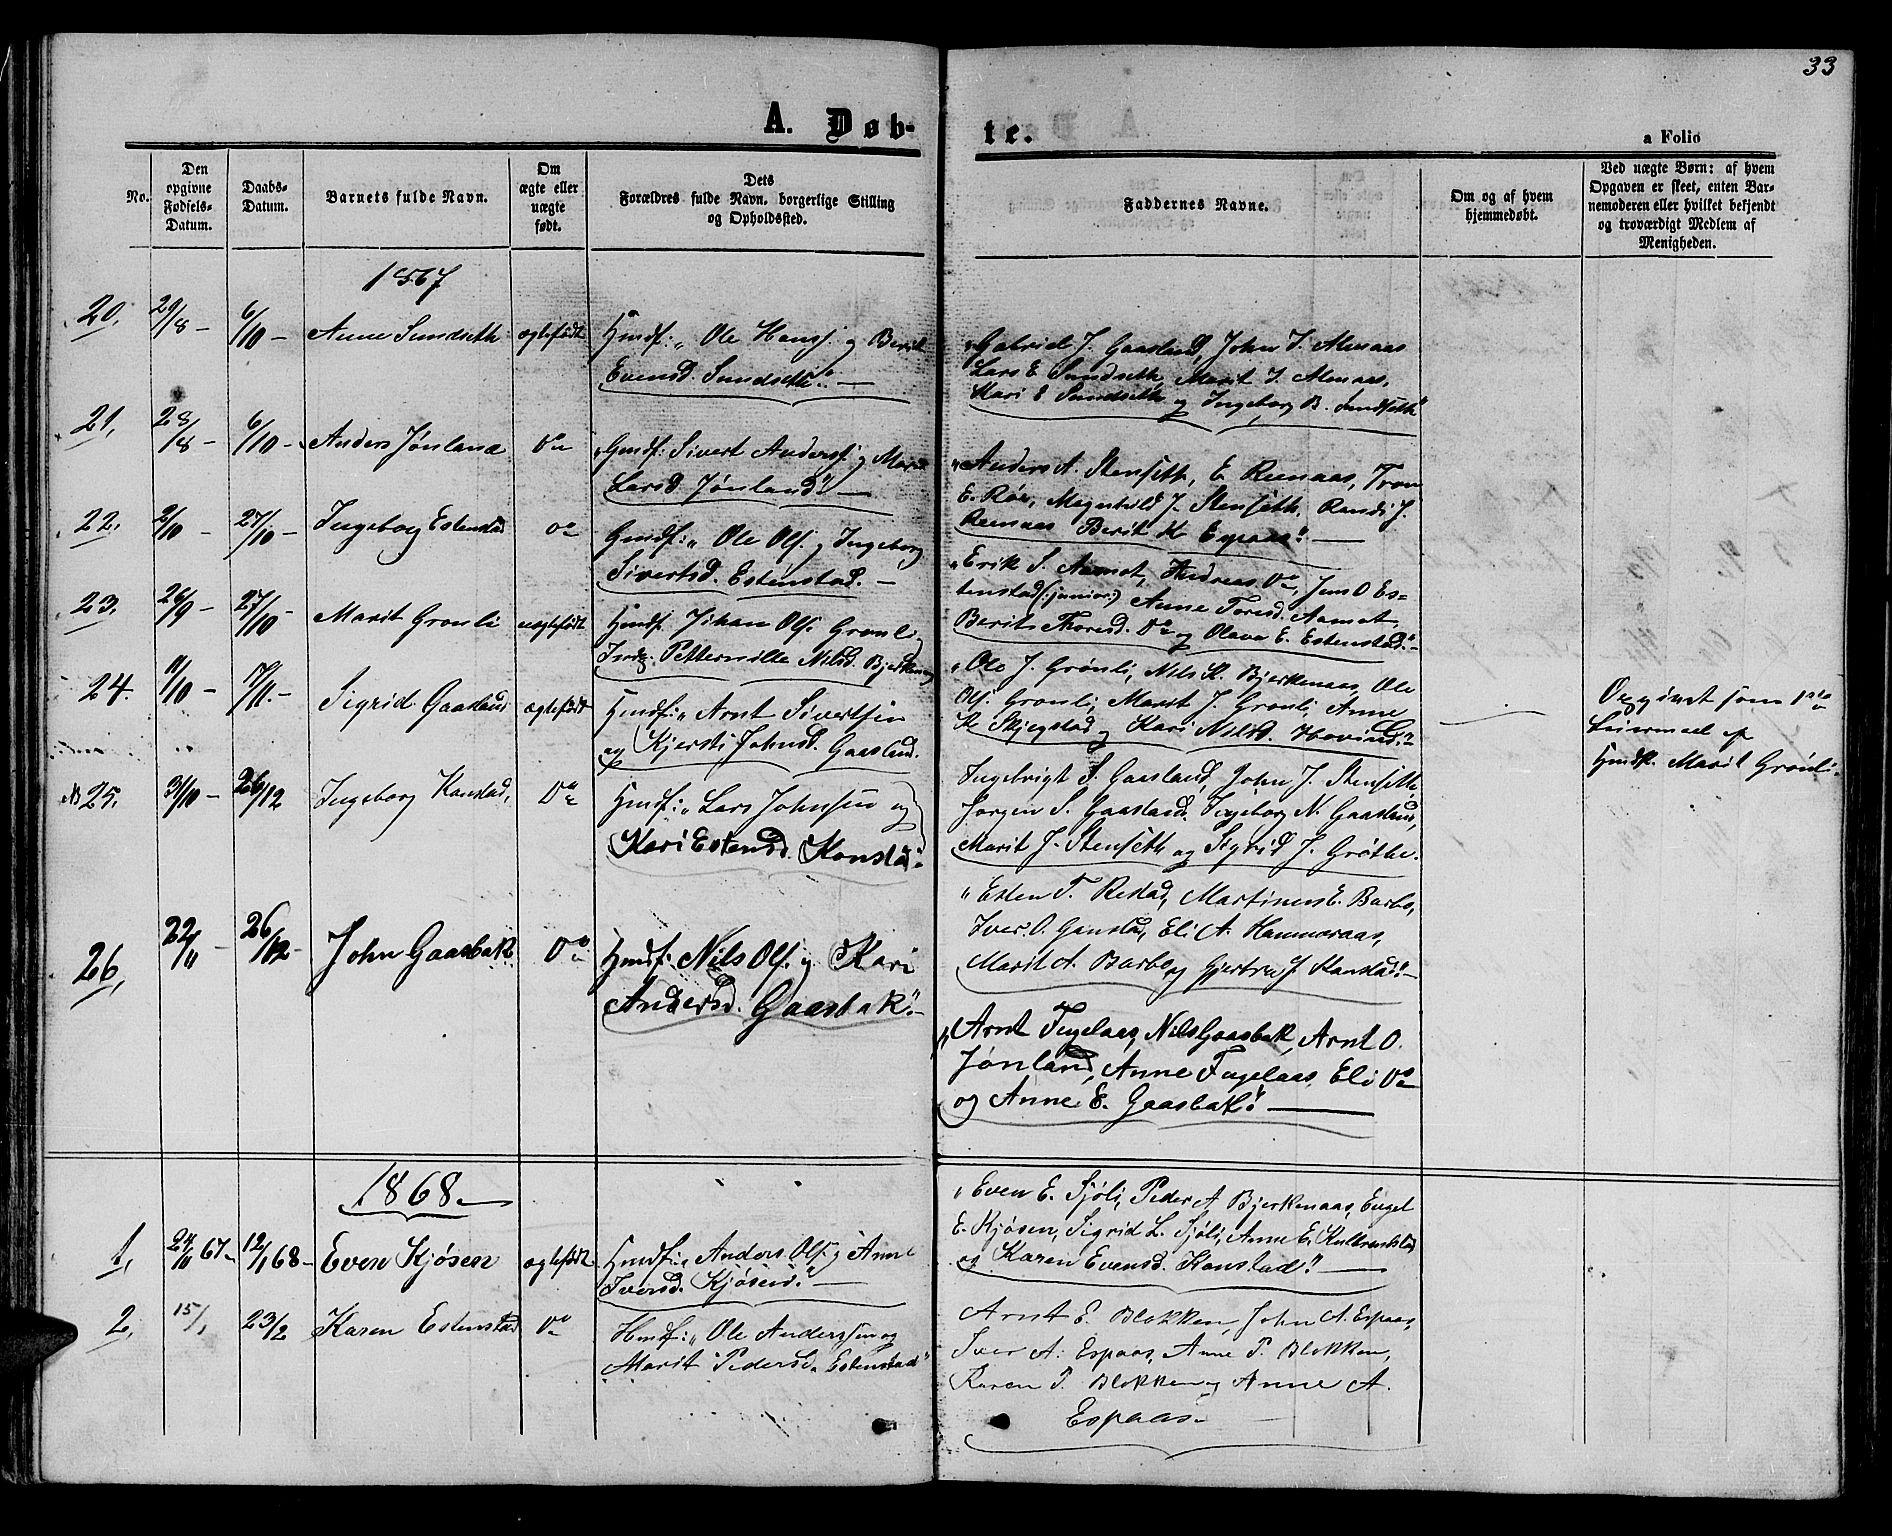 SAT, Ministerialprotokoller, klokkerbøker og fødselsregistre - Sør-Trøndelag, 694/L1131: Klokkerbok nr. 694C03, 1858-1886, s. 33